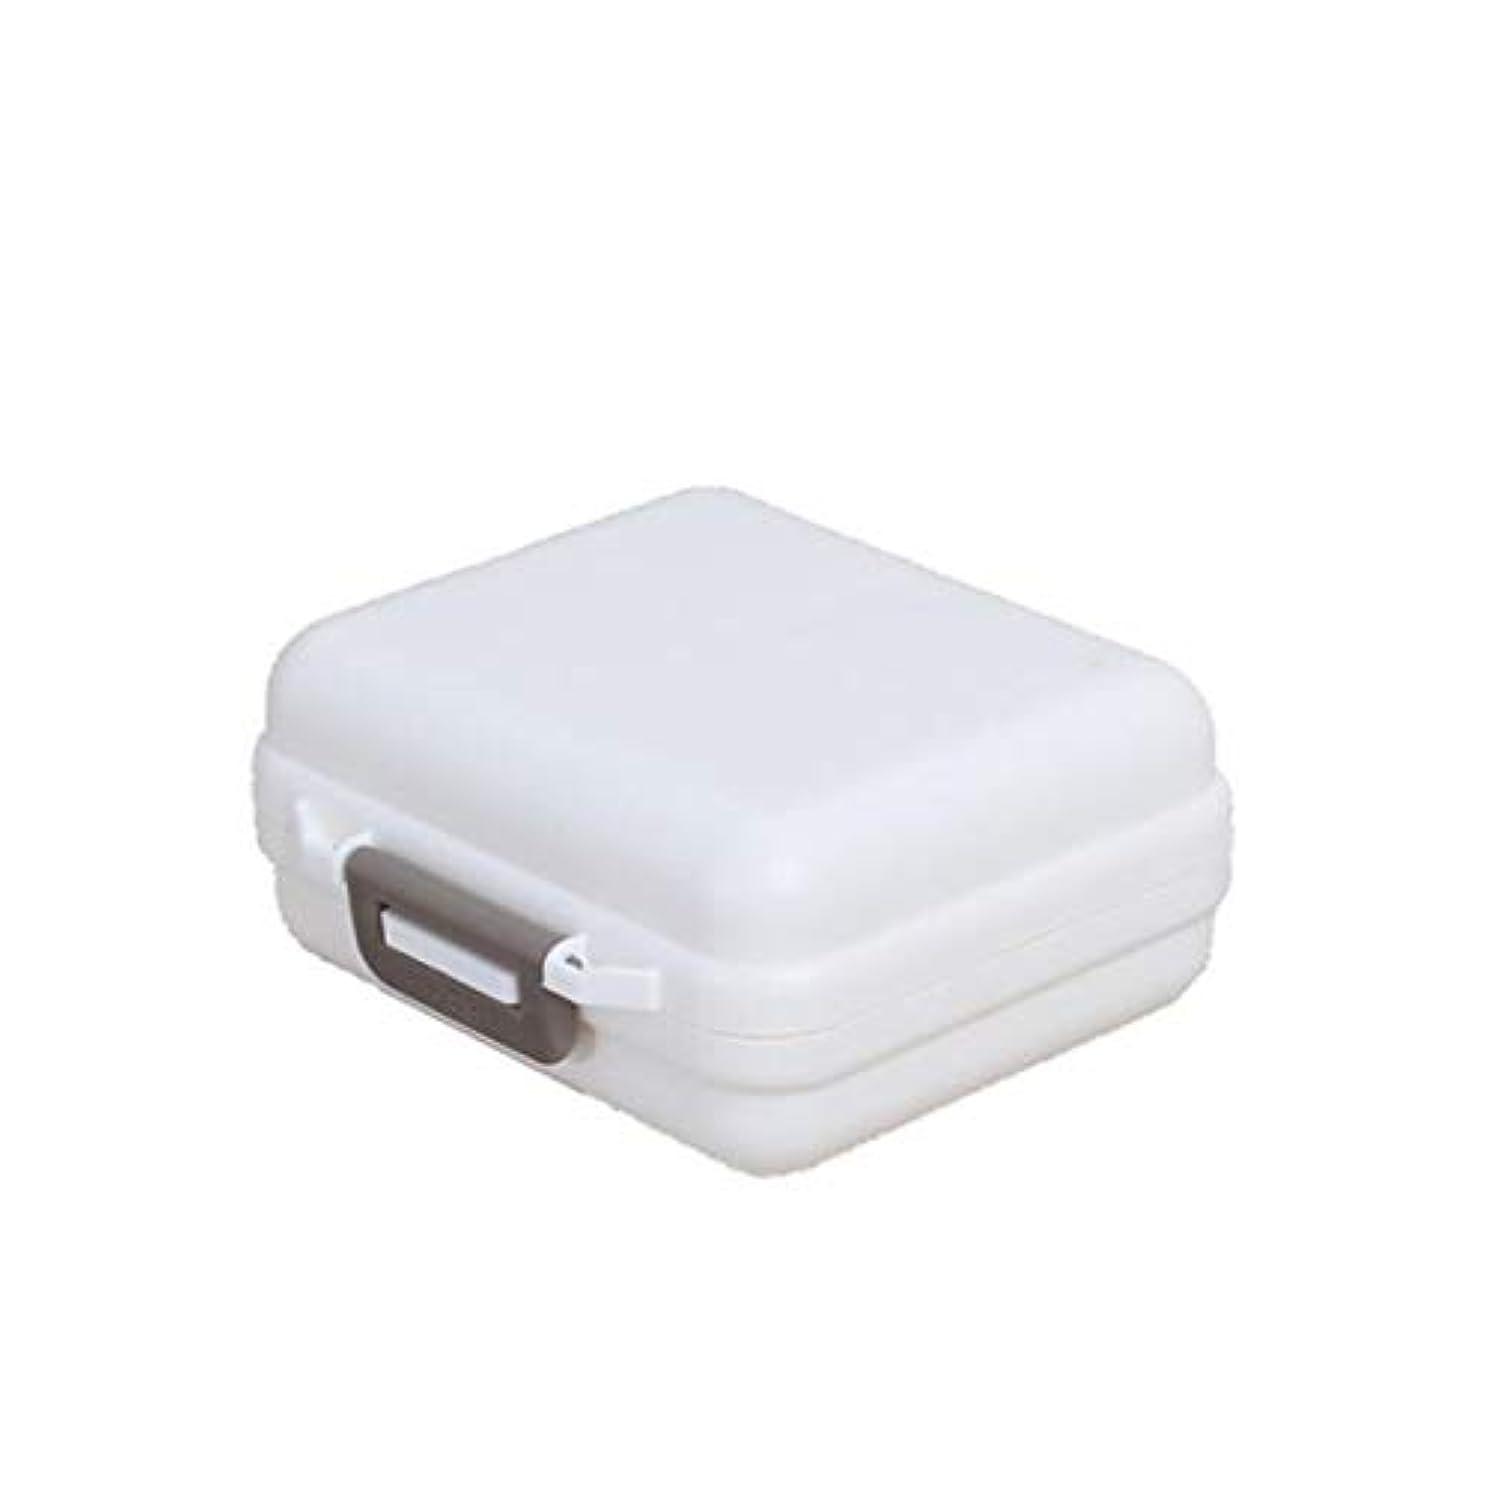 怠惰サーバント機械的Bigsweety 薬ケース ピルケース 携帯用 旅行 1週間 サプリメントケース ケース ピルケース キー 薬入れ 小型収納ケース 多機能トラベルポータブル